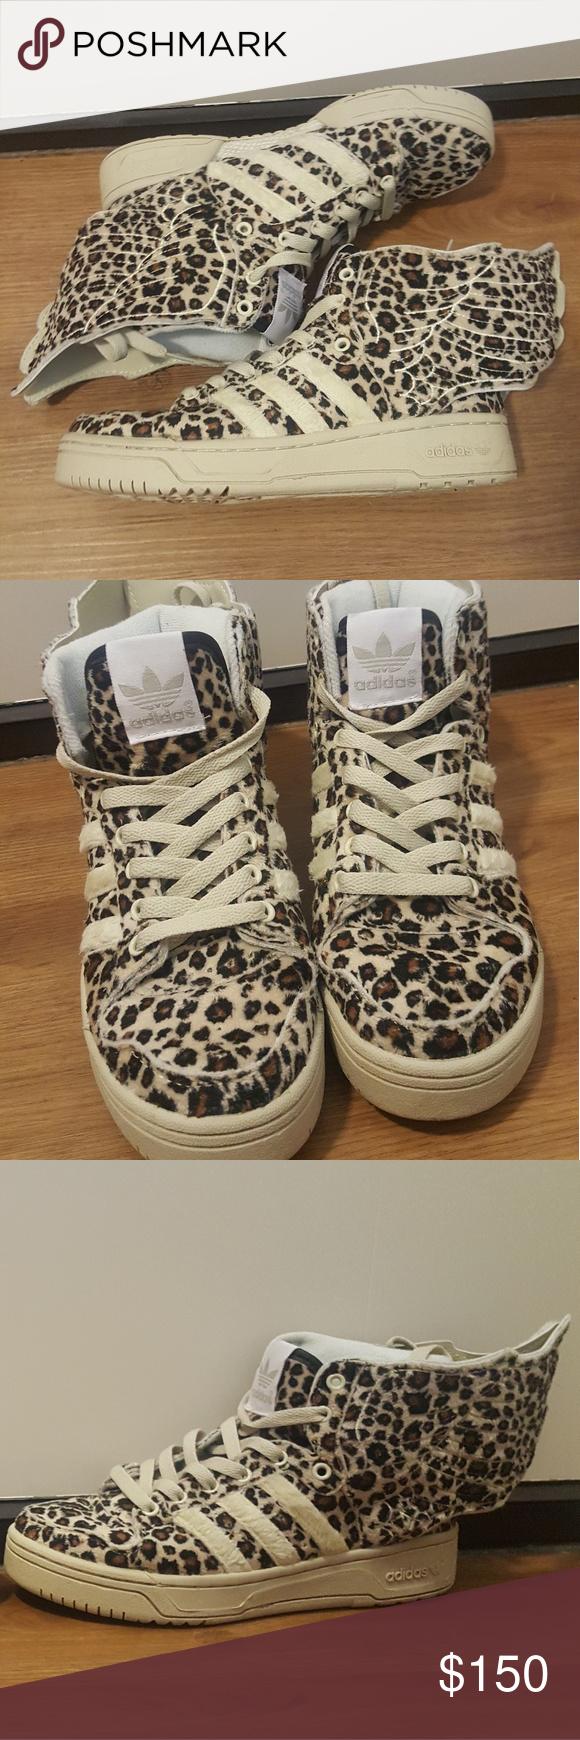 RARE ADIDAS x JEREMY RARE SCOTT leopardo WINGS Ligeramente usado 20000 leopardo raro e0fc548 - immunitetfolie.website